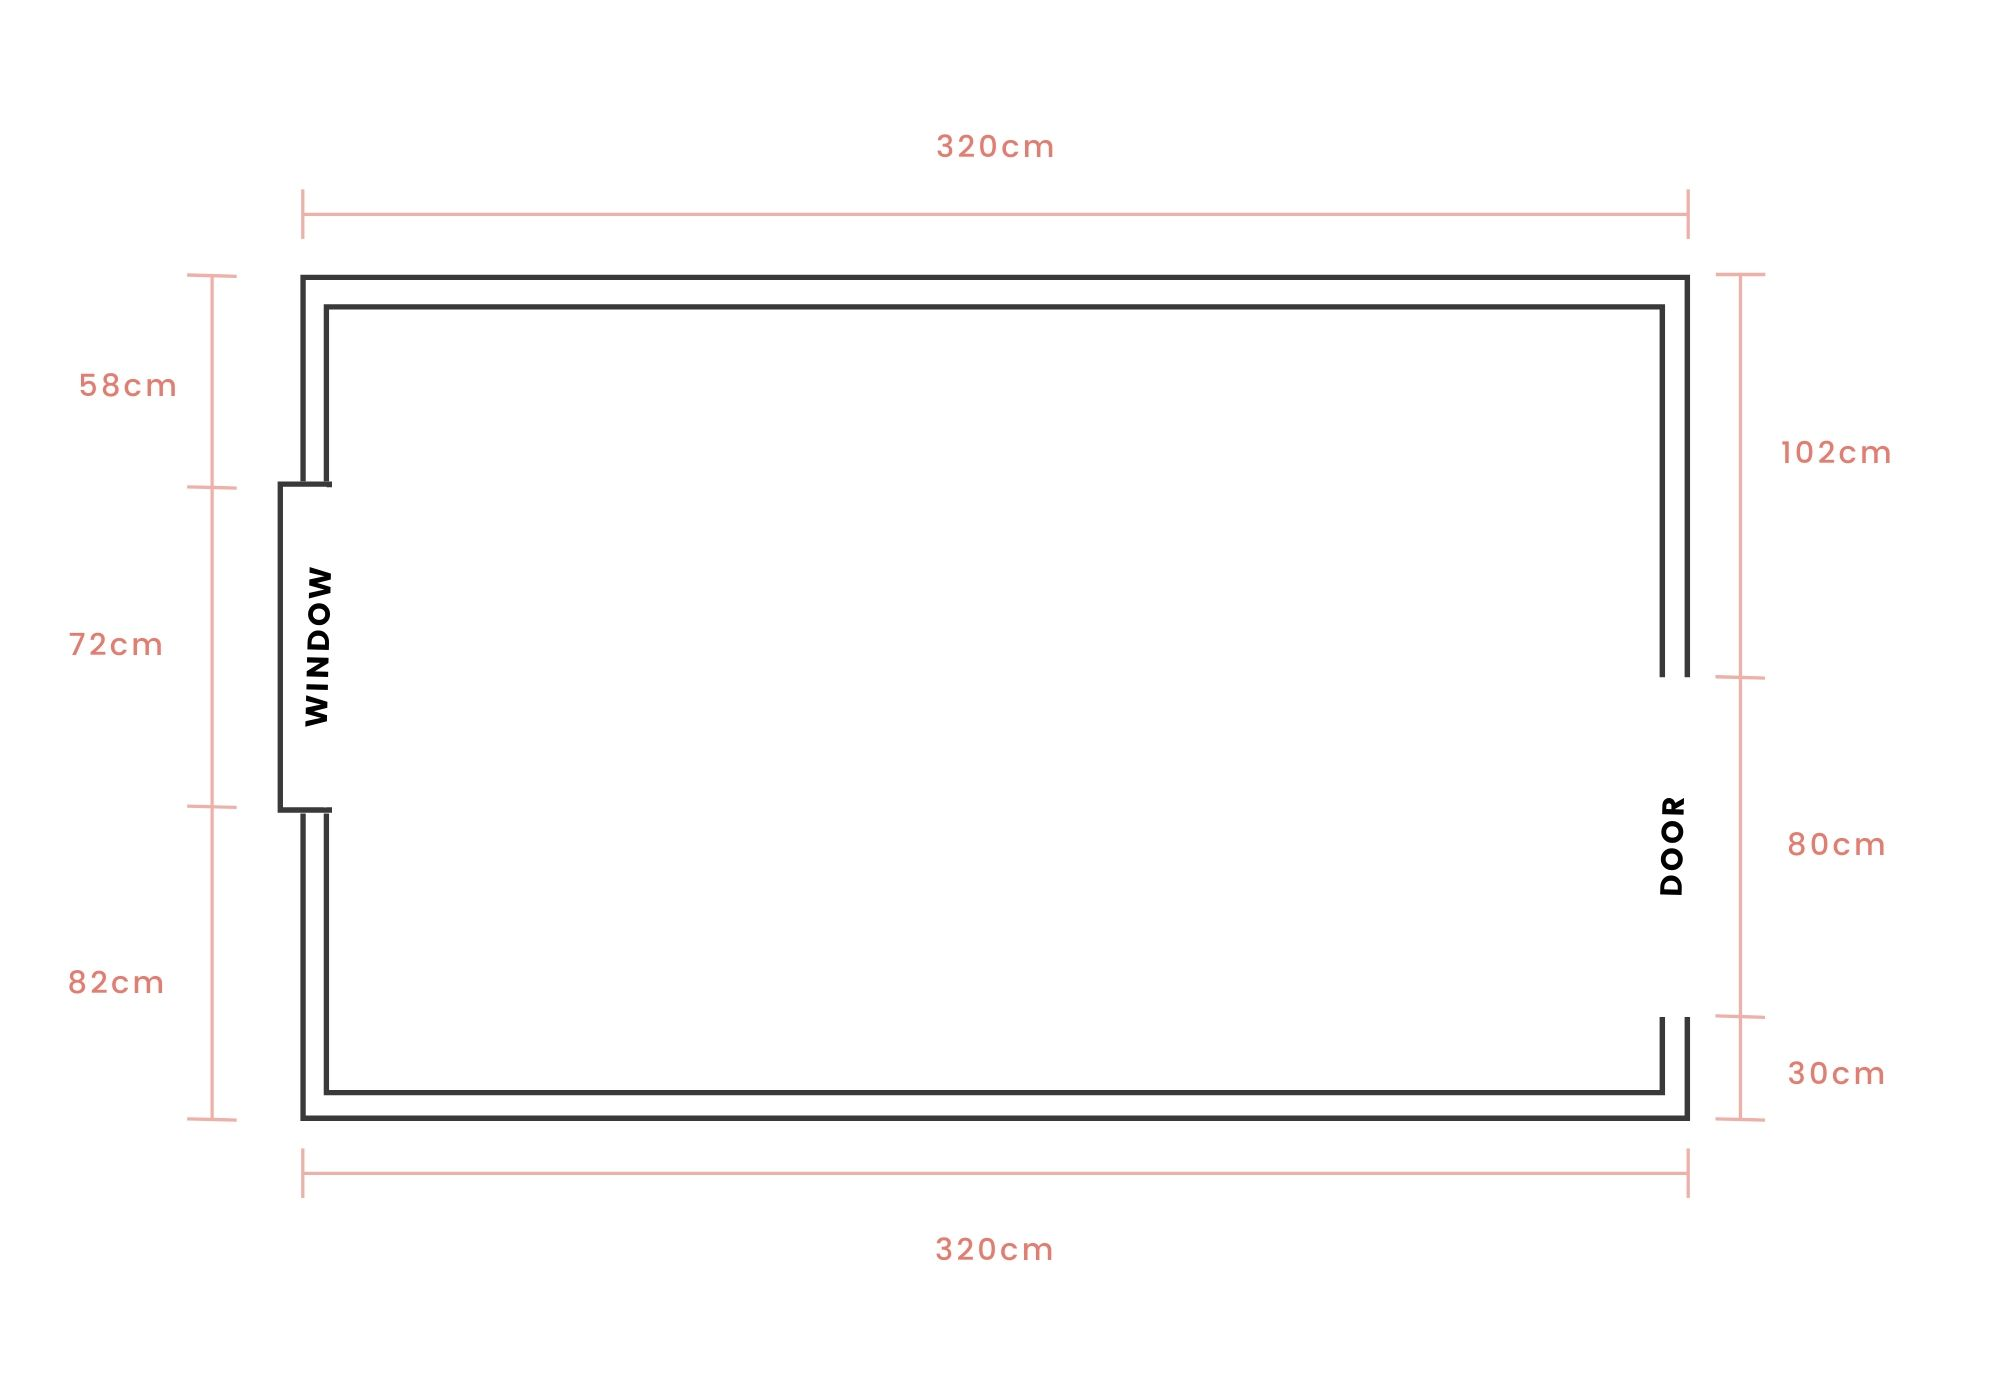 Colchester Measurements Diagram (1)